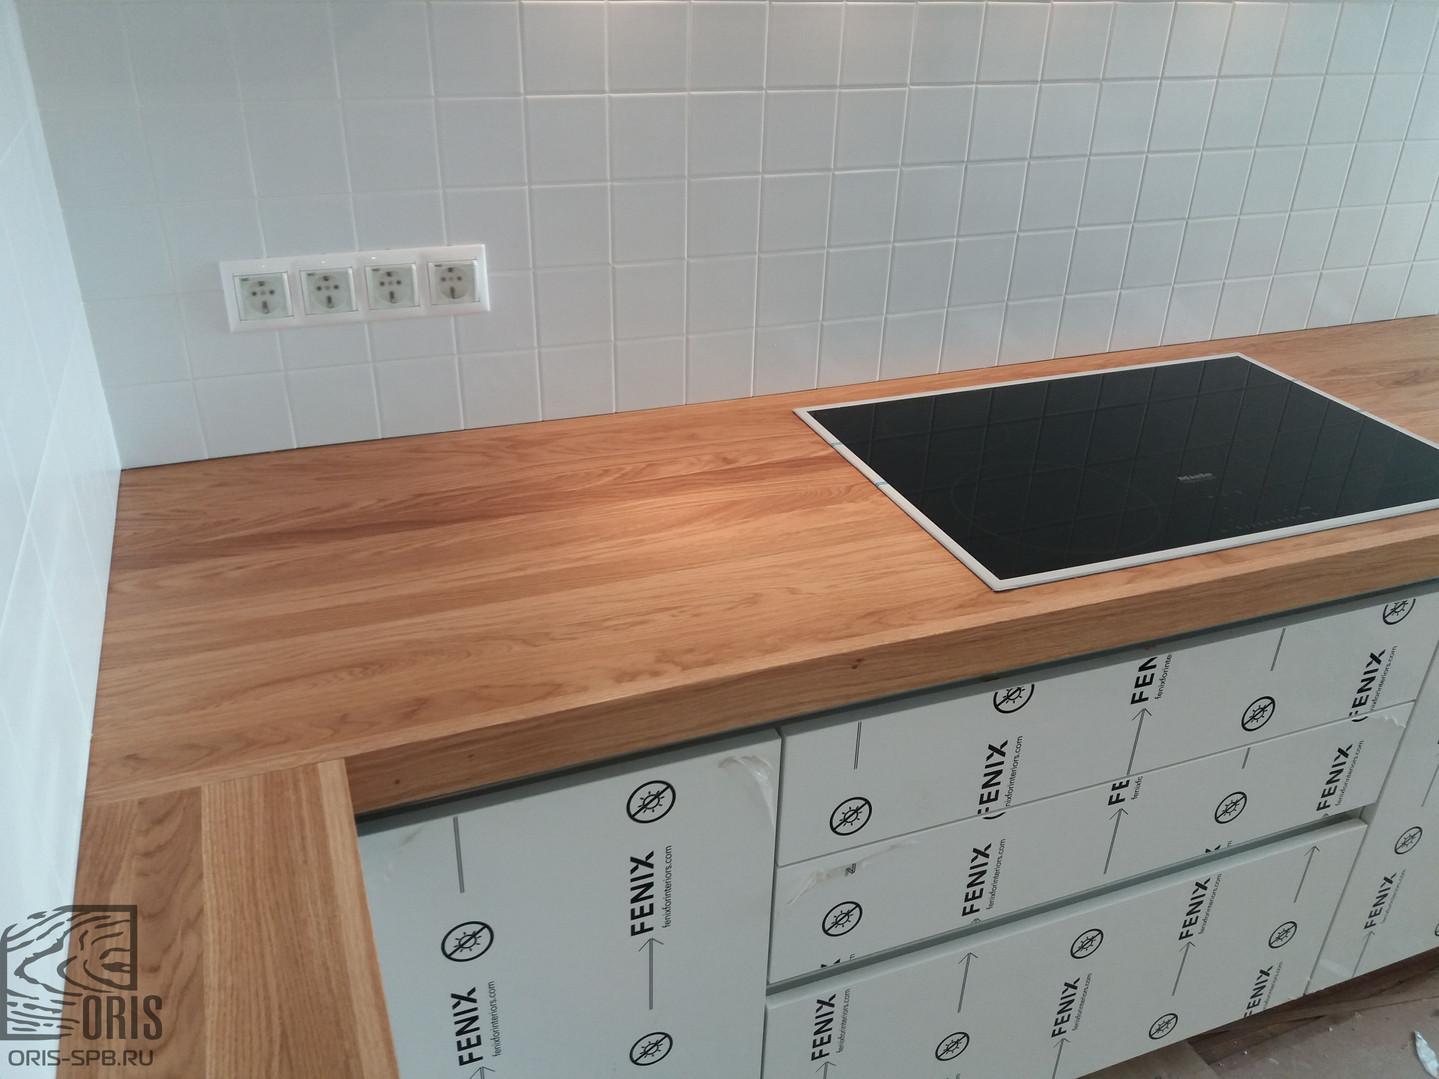 Кухонная столешница ORIS